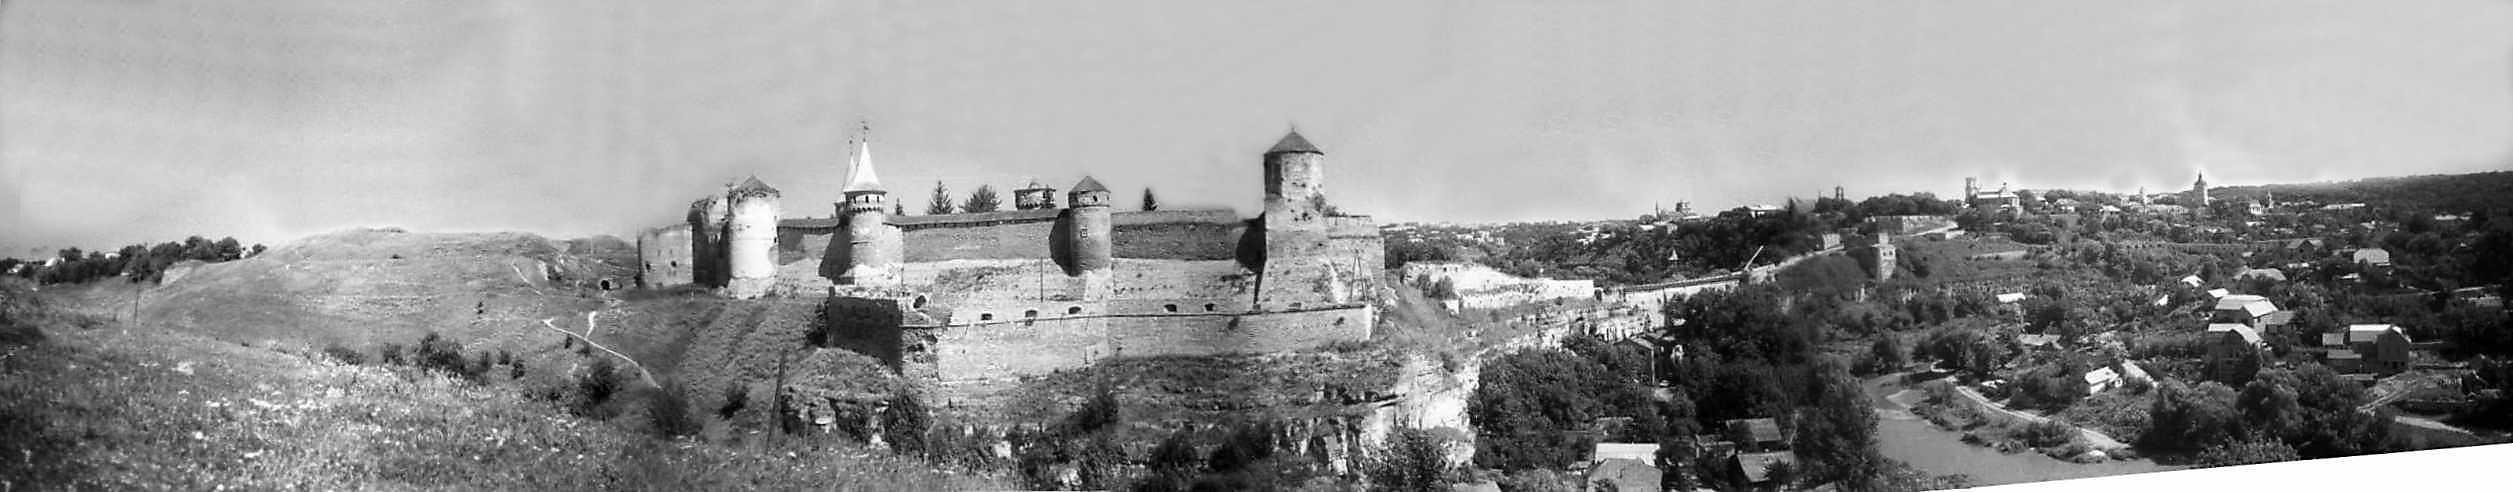 1996 р. Панорама Нового і Старого замків та Старого міста з півдня